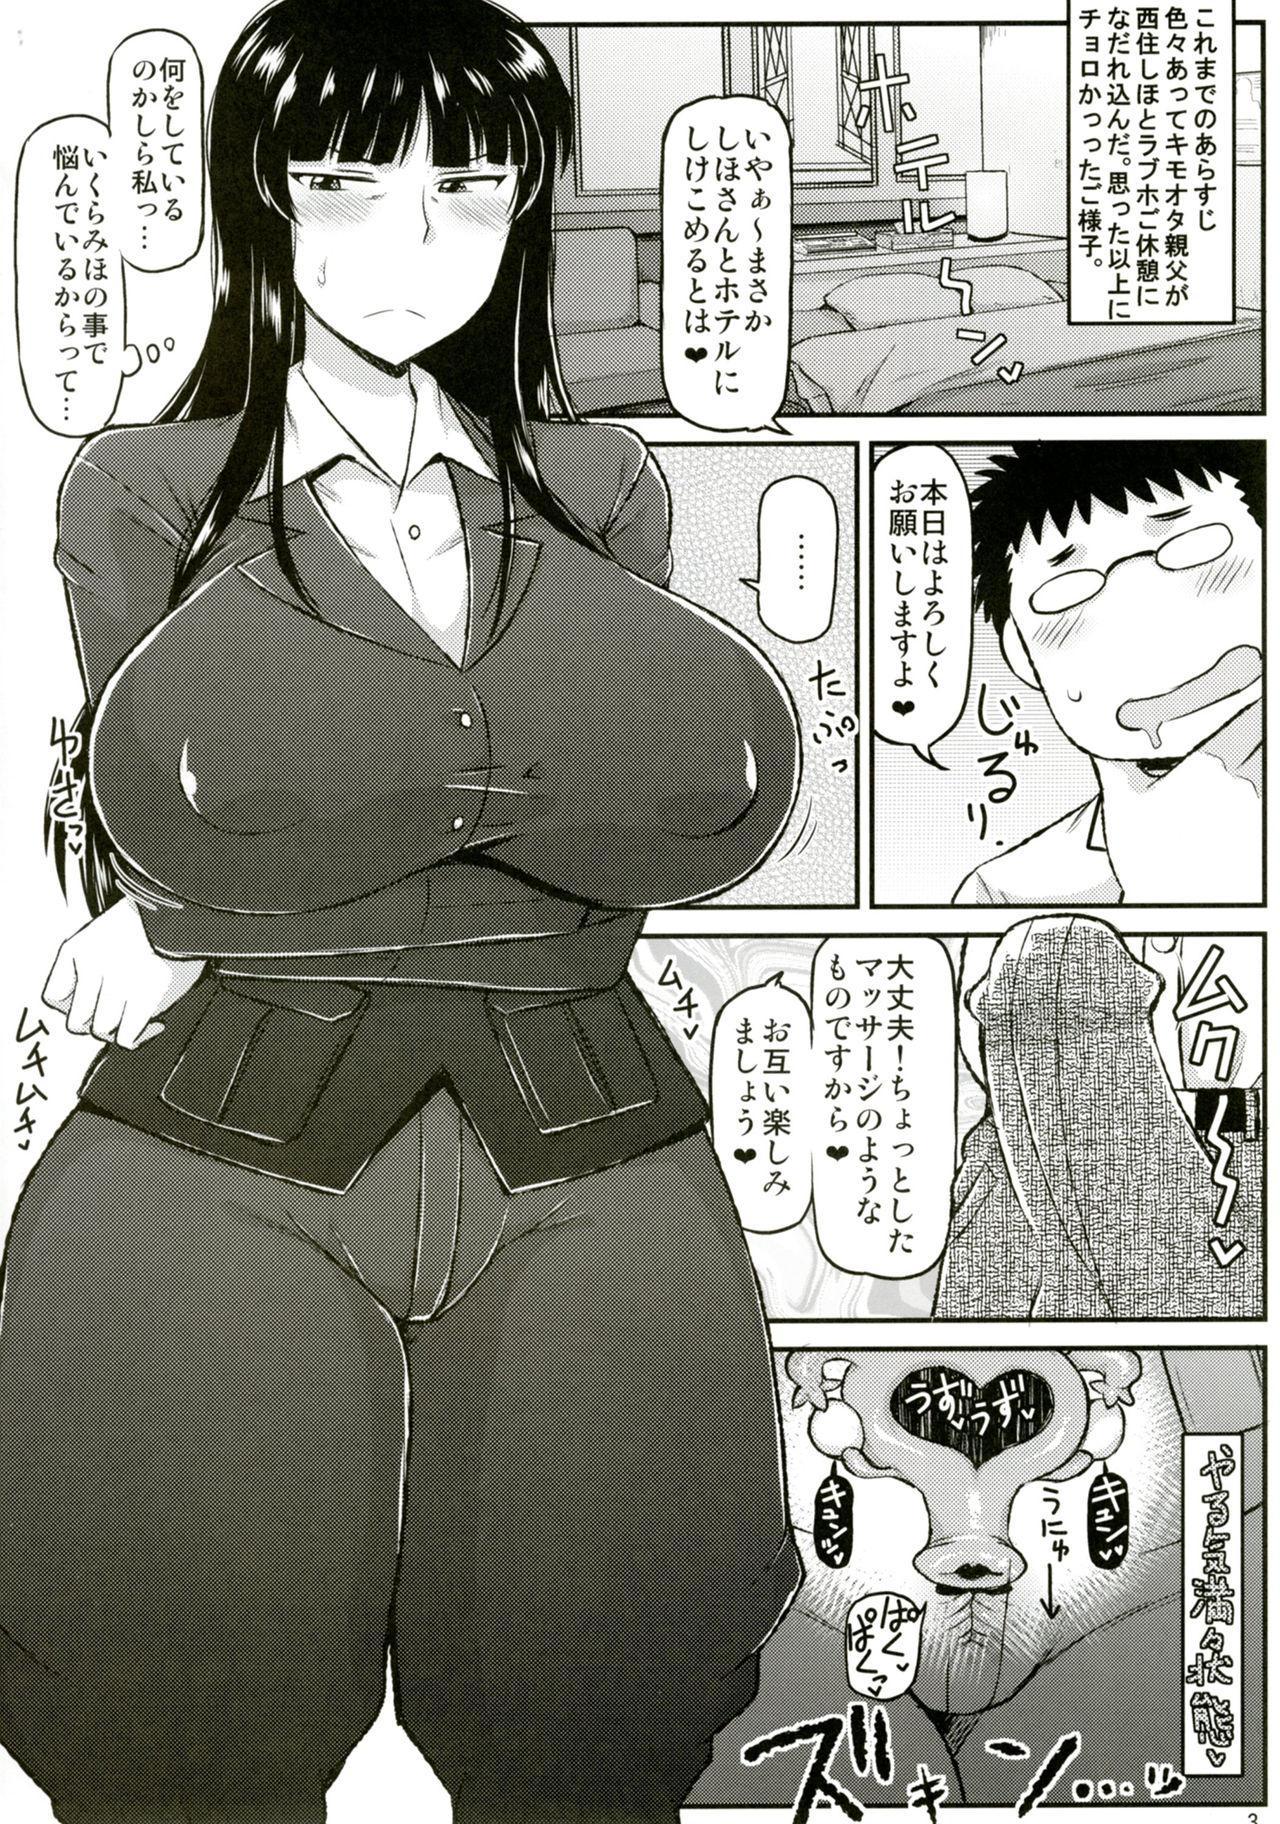 Girl?s & Semen III Nishizumi Shiho no Moteamashita Ureure Body wo Chuunen Chinpo de Soutou Sakusen! Iemoto Ransou ni Idenshi Seichuu Butai Shinkou Kaishi 3